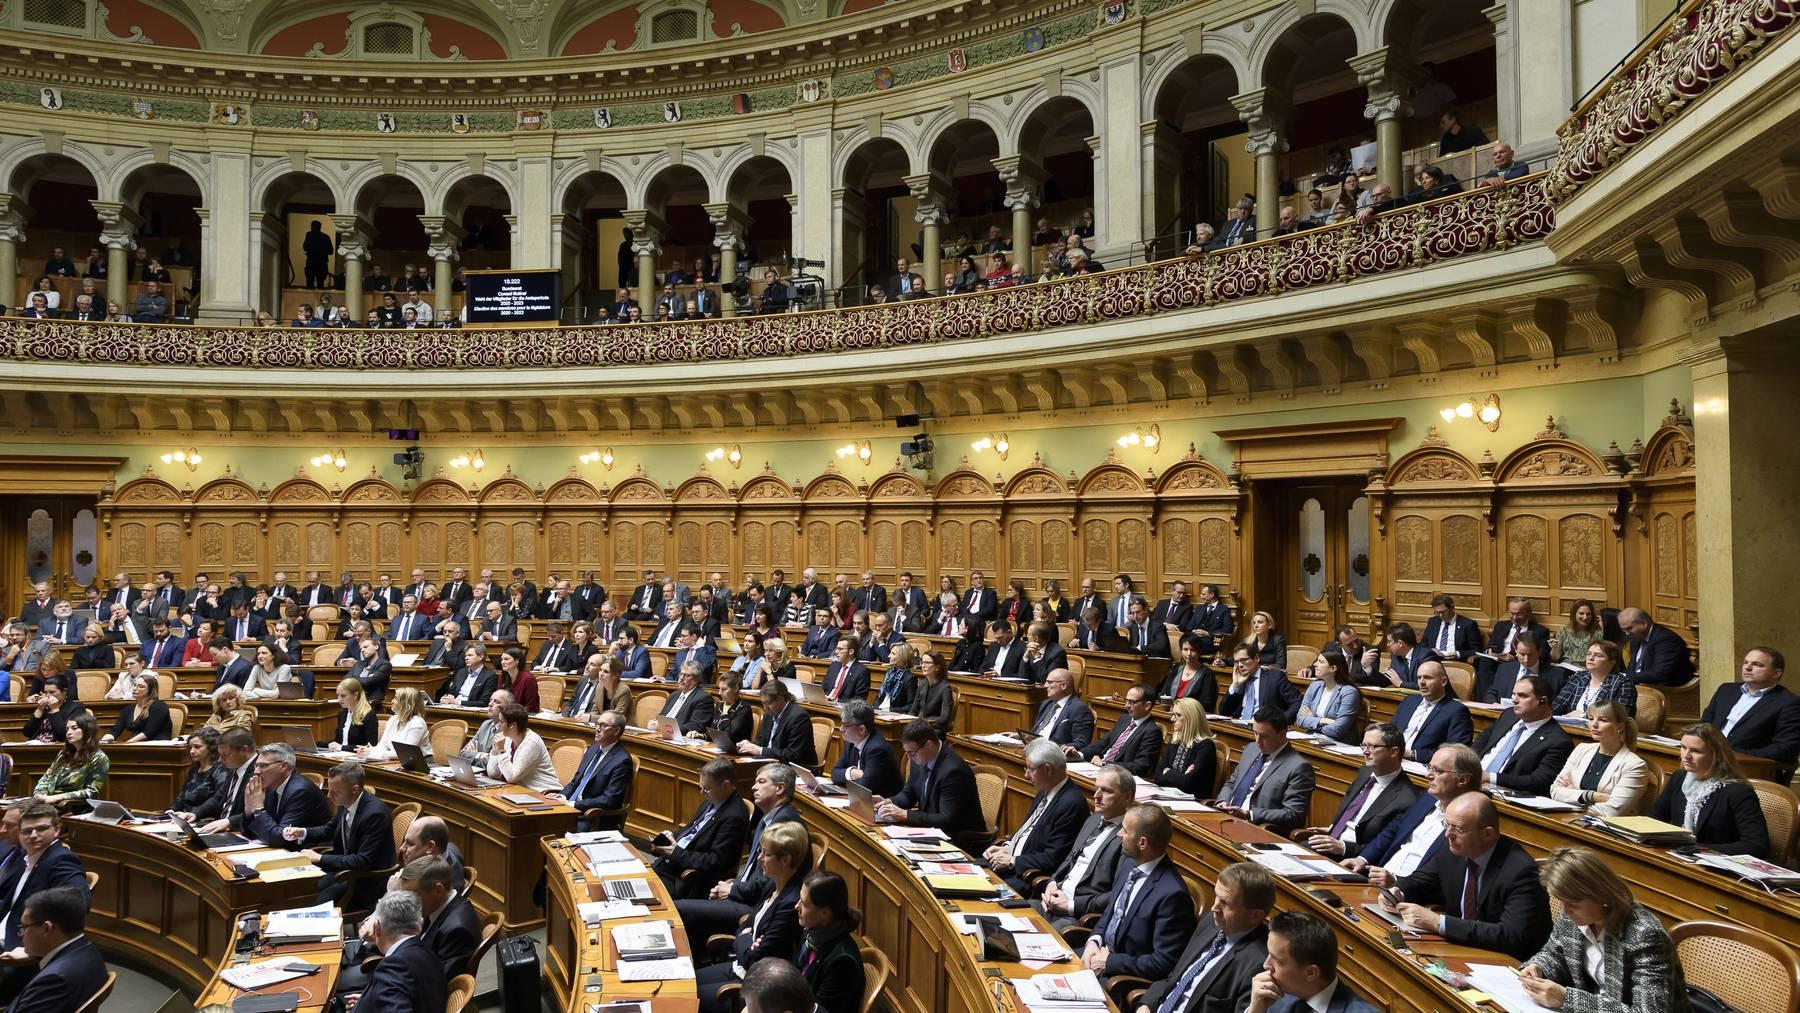 Wann die nächste Session im Bundeshaus stattfinden wird, ist unklar. Für die ausserordentliche Session tagen die Räte auf dem Messegelände der Bernexpo.